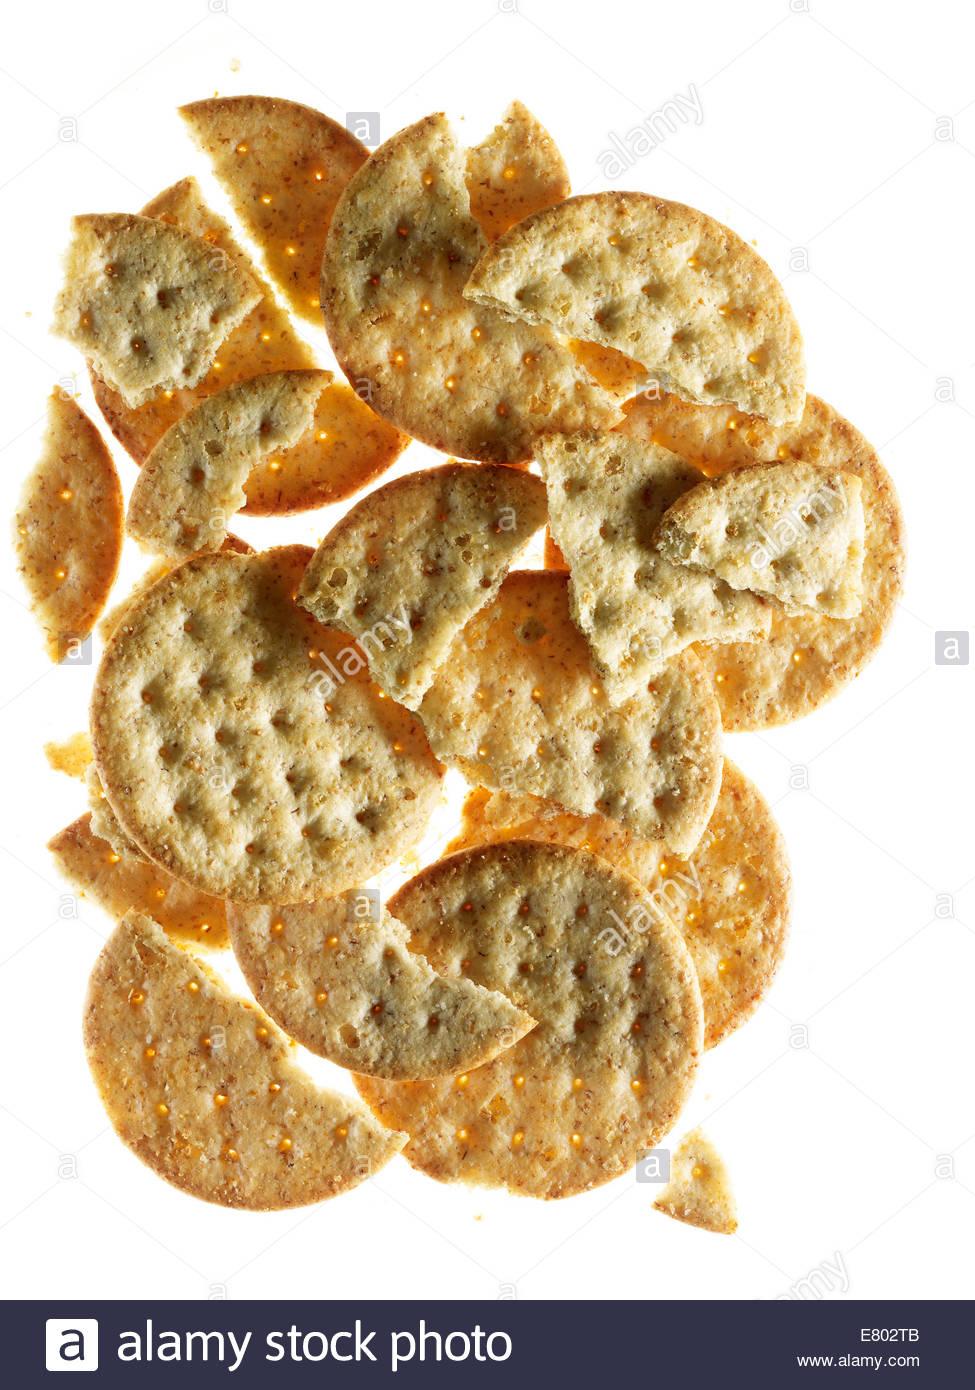 Käse-Cracker isoliert auf weißem Hintergrund Stockbild